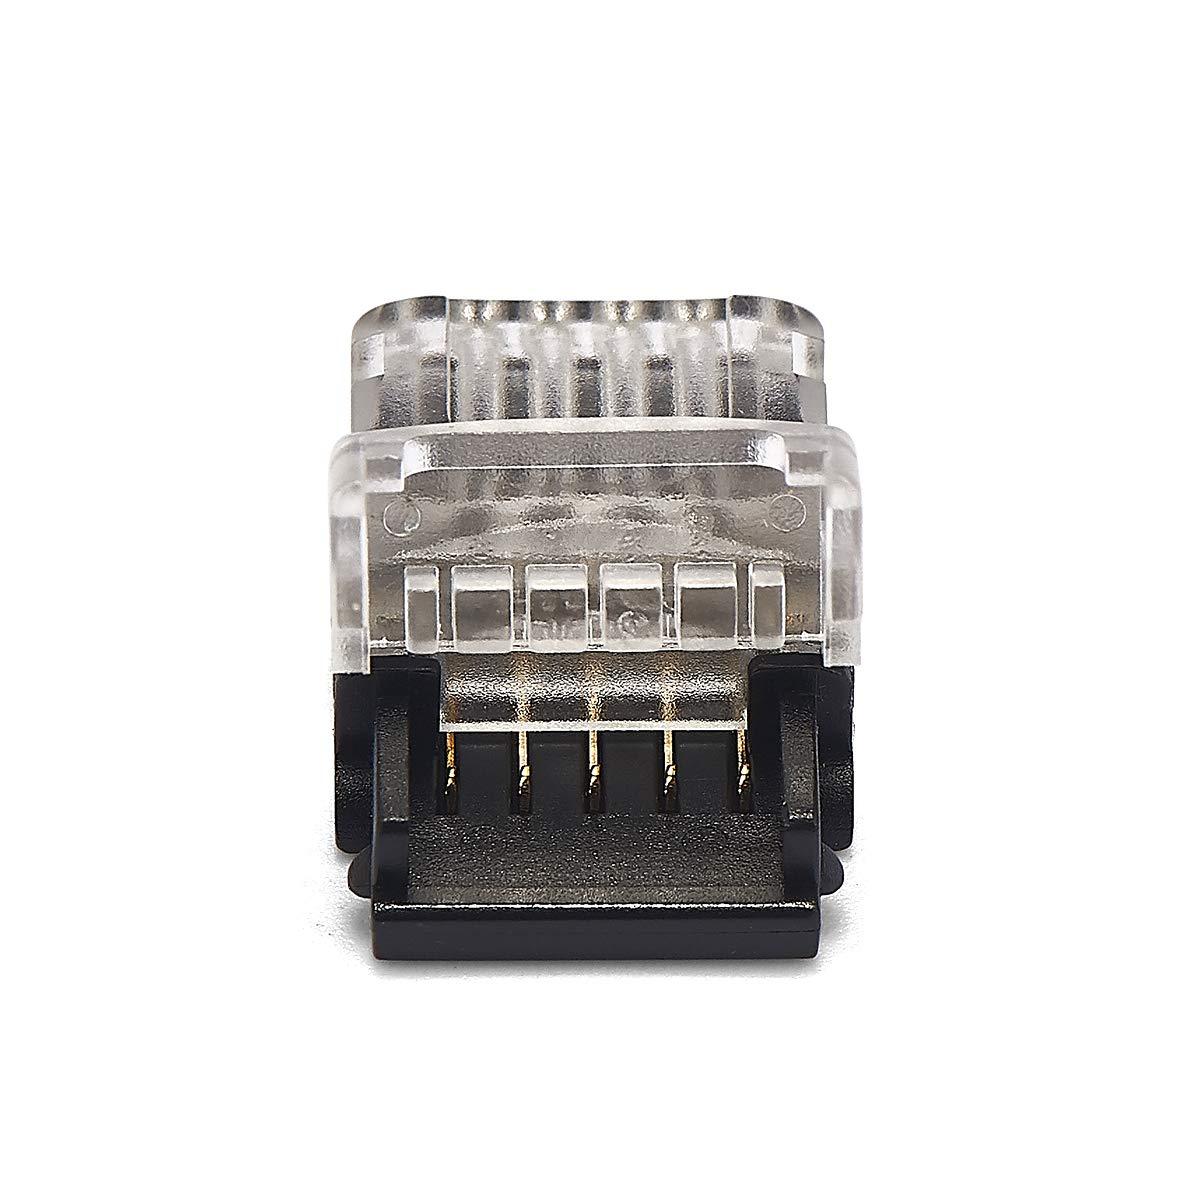 36.00V 2 broches ou 12 mm 5 broches sans soudure Lot de 3 bandes LED SMD ou RGBW de 8 mm 10 mm